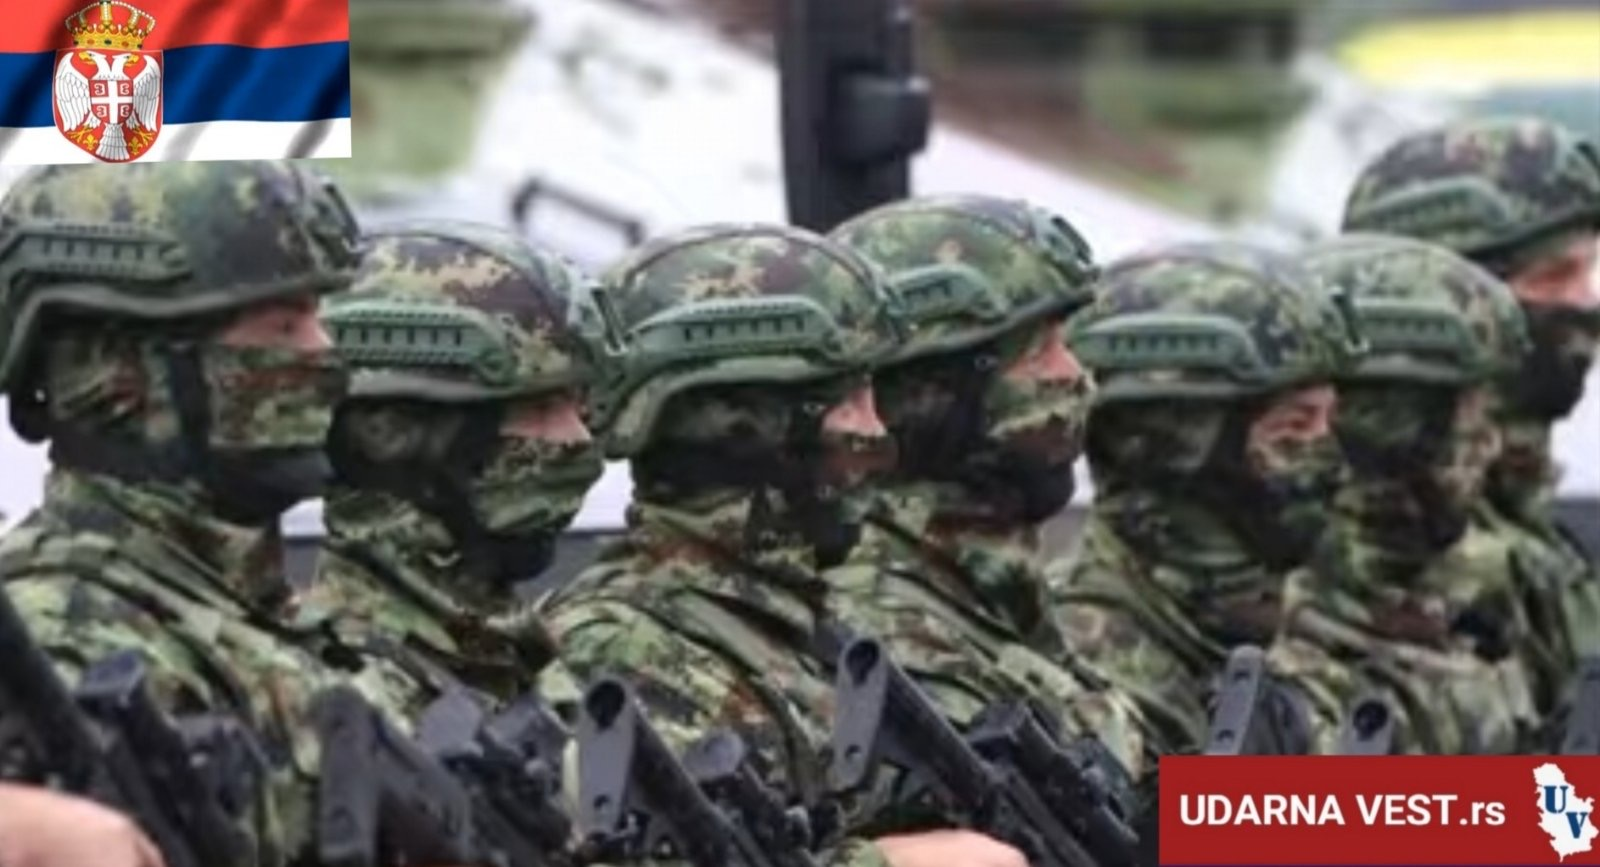 MINISTAR VULIN: Pripadnici Žandarmerije su pouzdan oslonac bezbednosti i stabilnosti Srbije